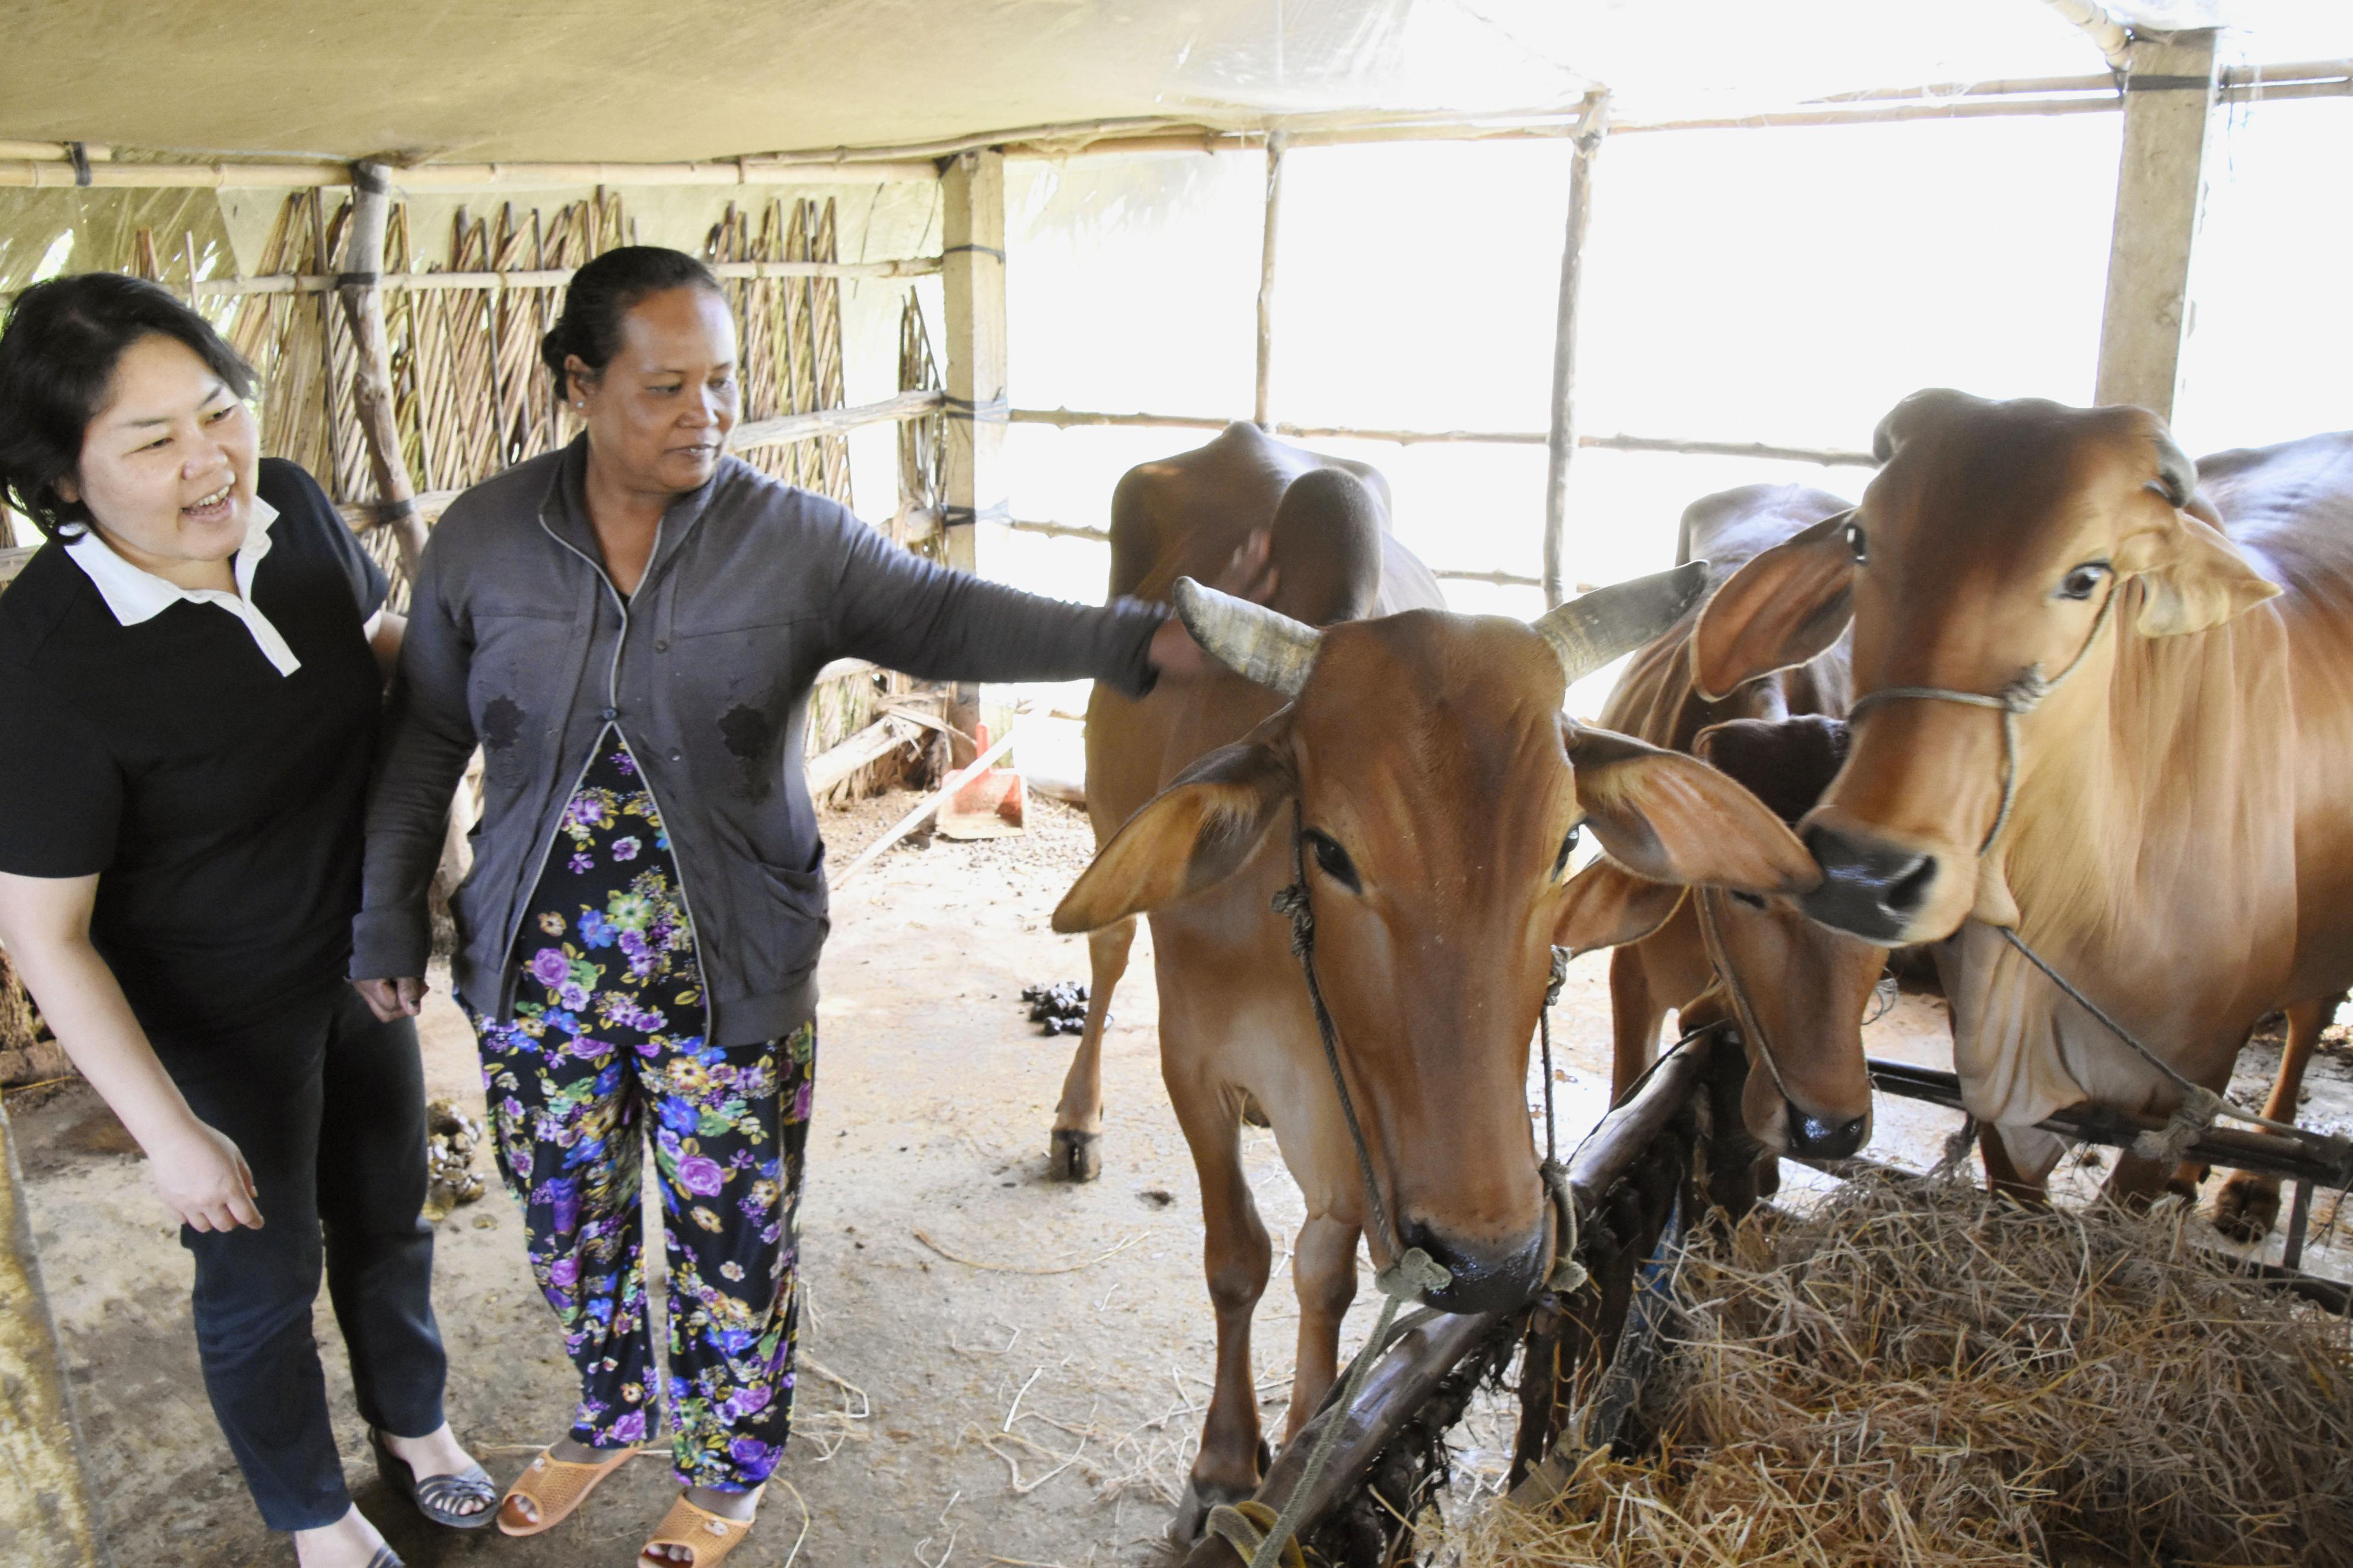 「牛銀行」を利用した農家を訪ねる伊能(左)。現在では3頭の牛を飼育するまでになった農家の女性は伊能を「楽しい人で、村の中ではいつも話題に出てくる」と語る=ベトナム南部ベンチェ省タインフック村